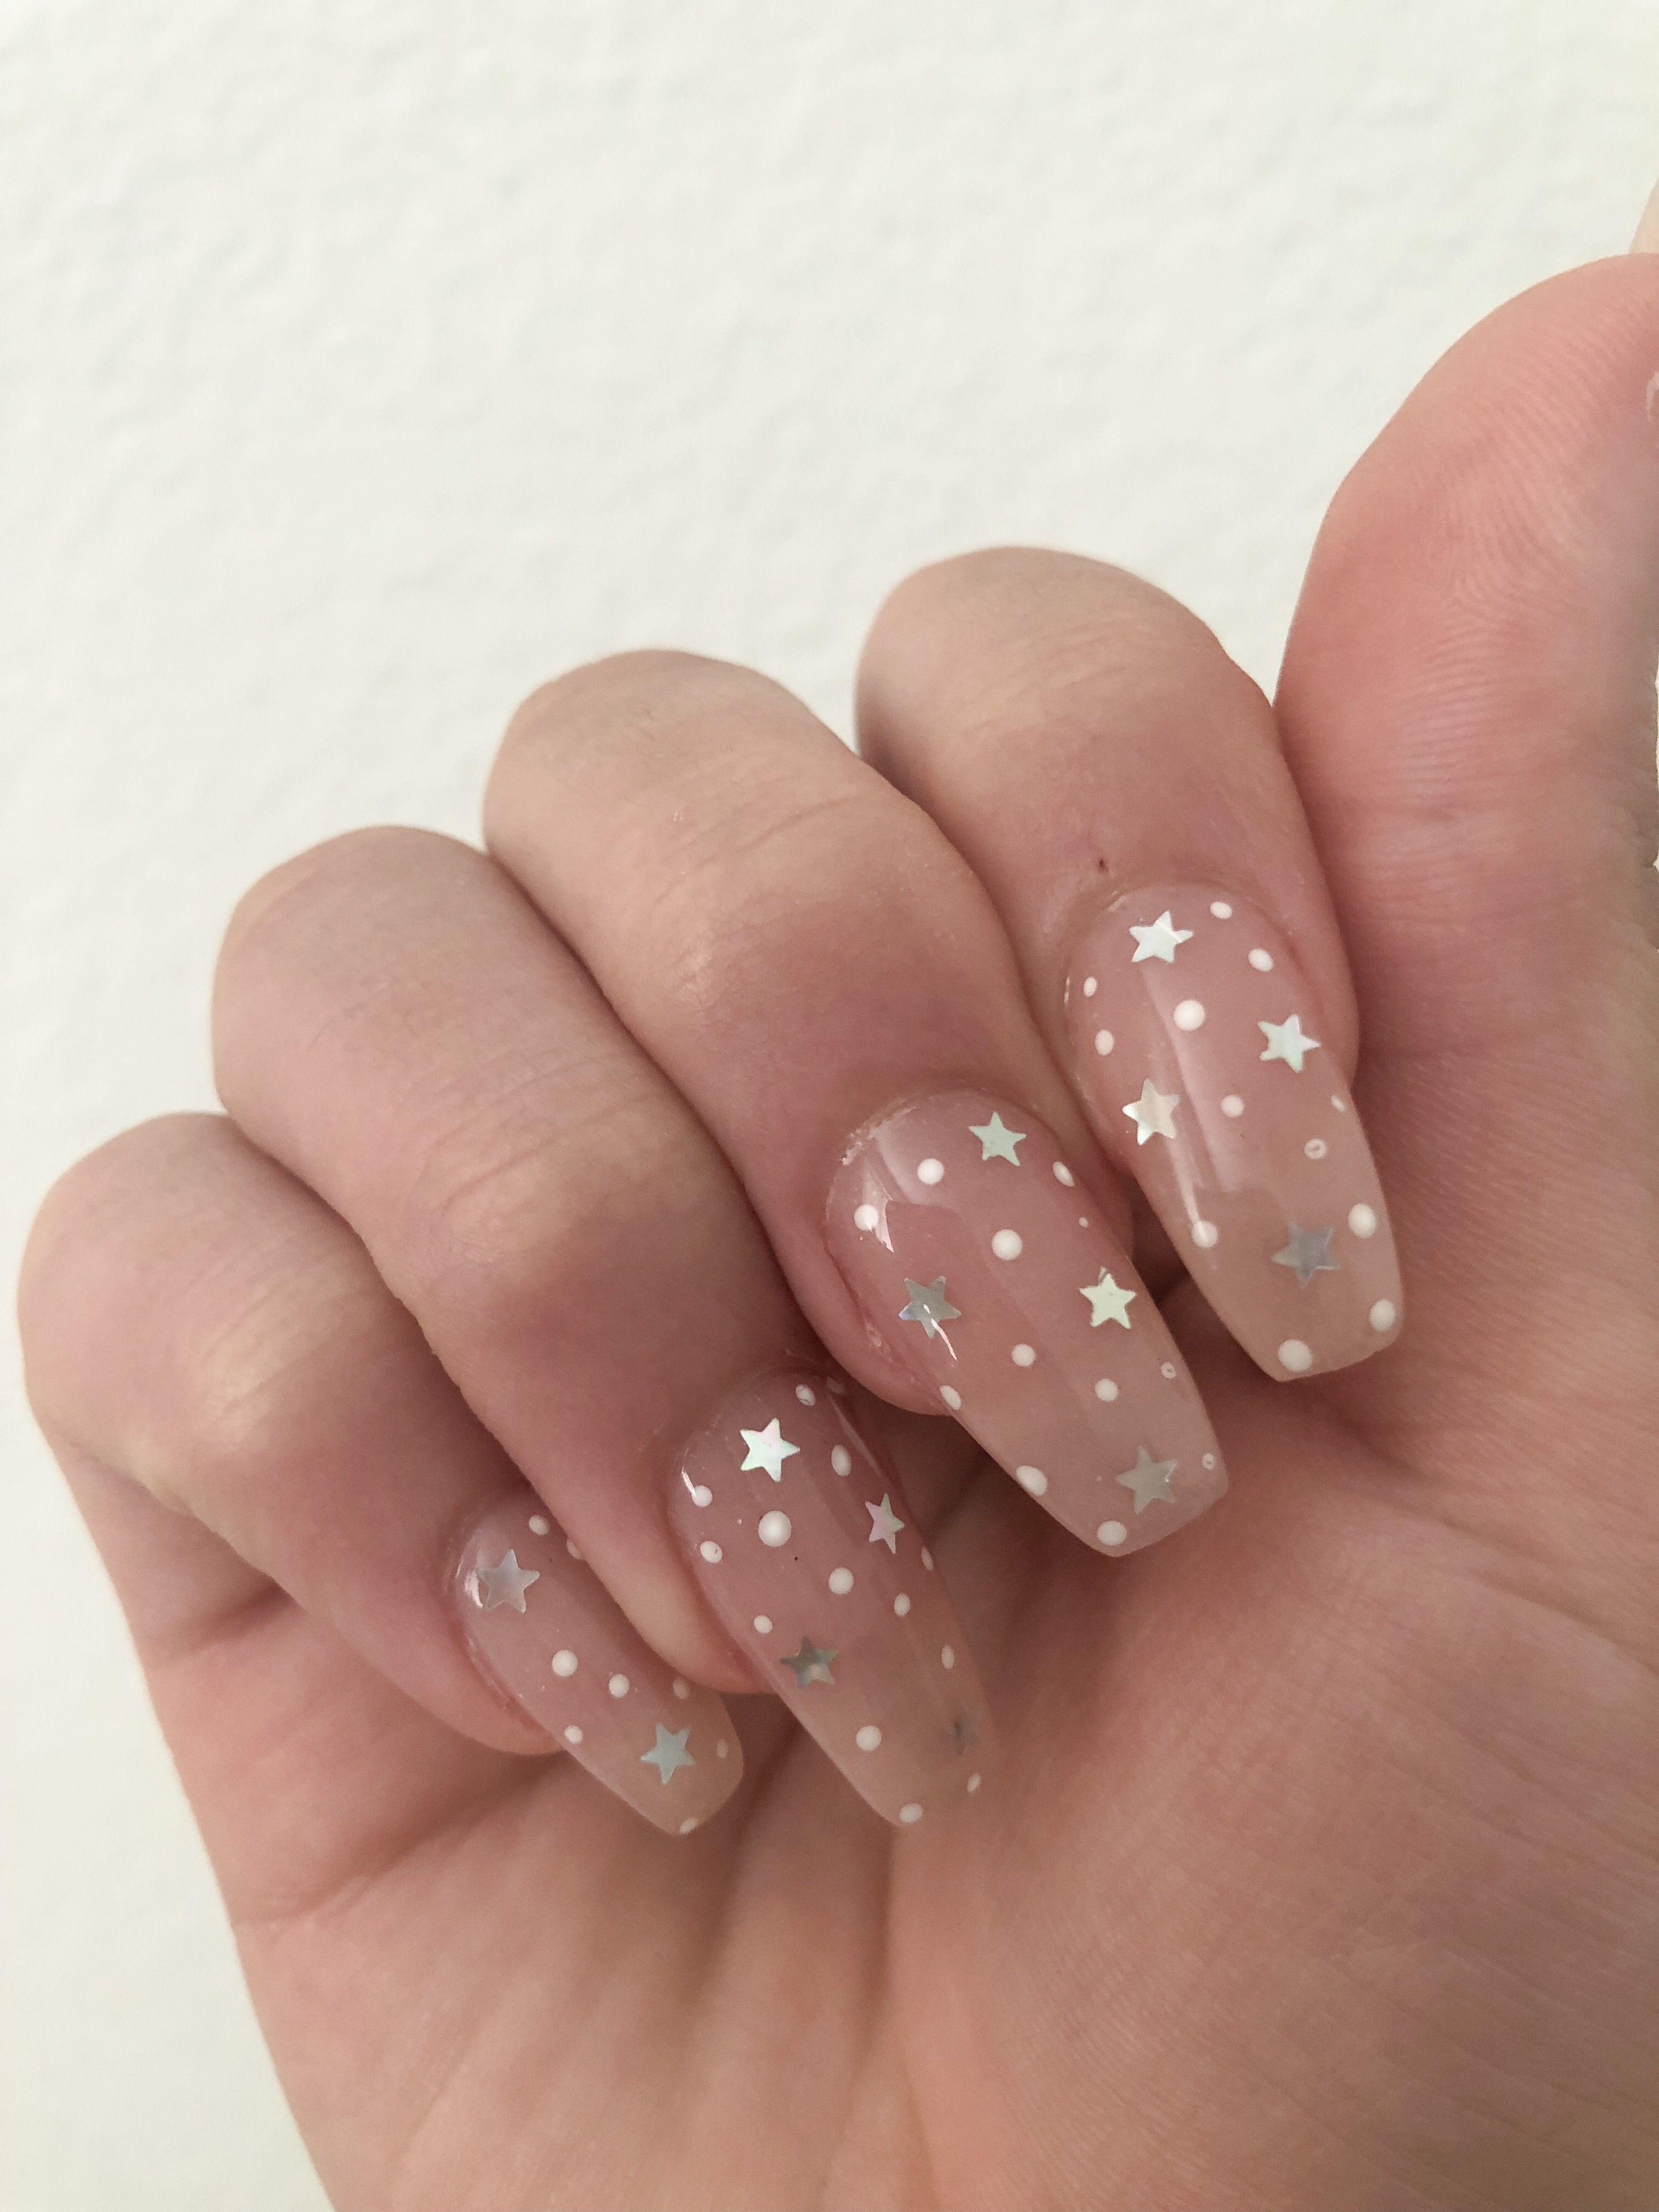 Star Nails Insta Carlygiotto Star Nail Designs Cute Acrylic Nails Holographic Nails